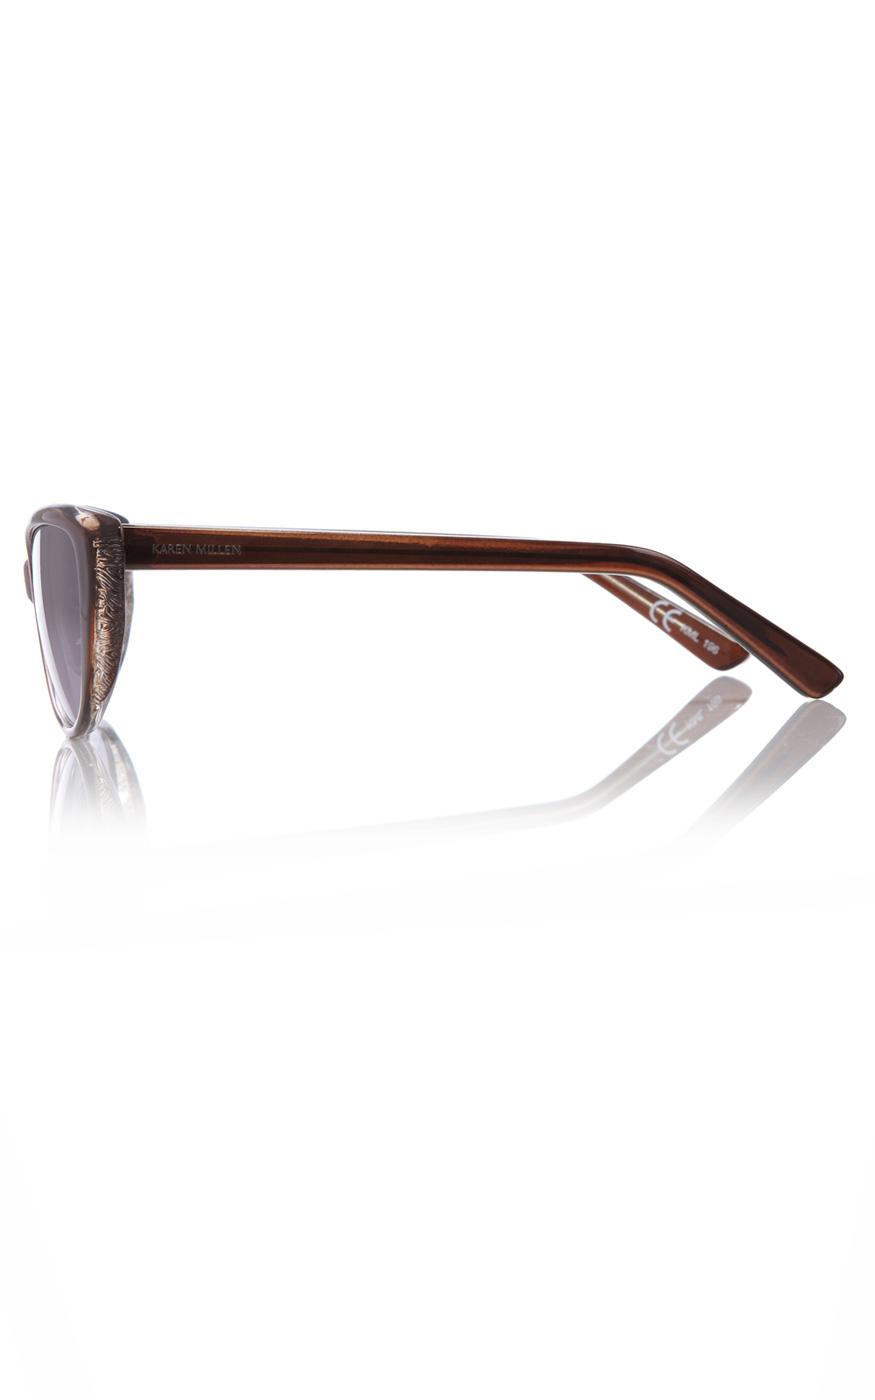 Karen Millen Cat Eye Sunglasses in Brown